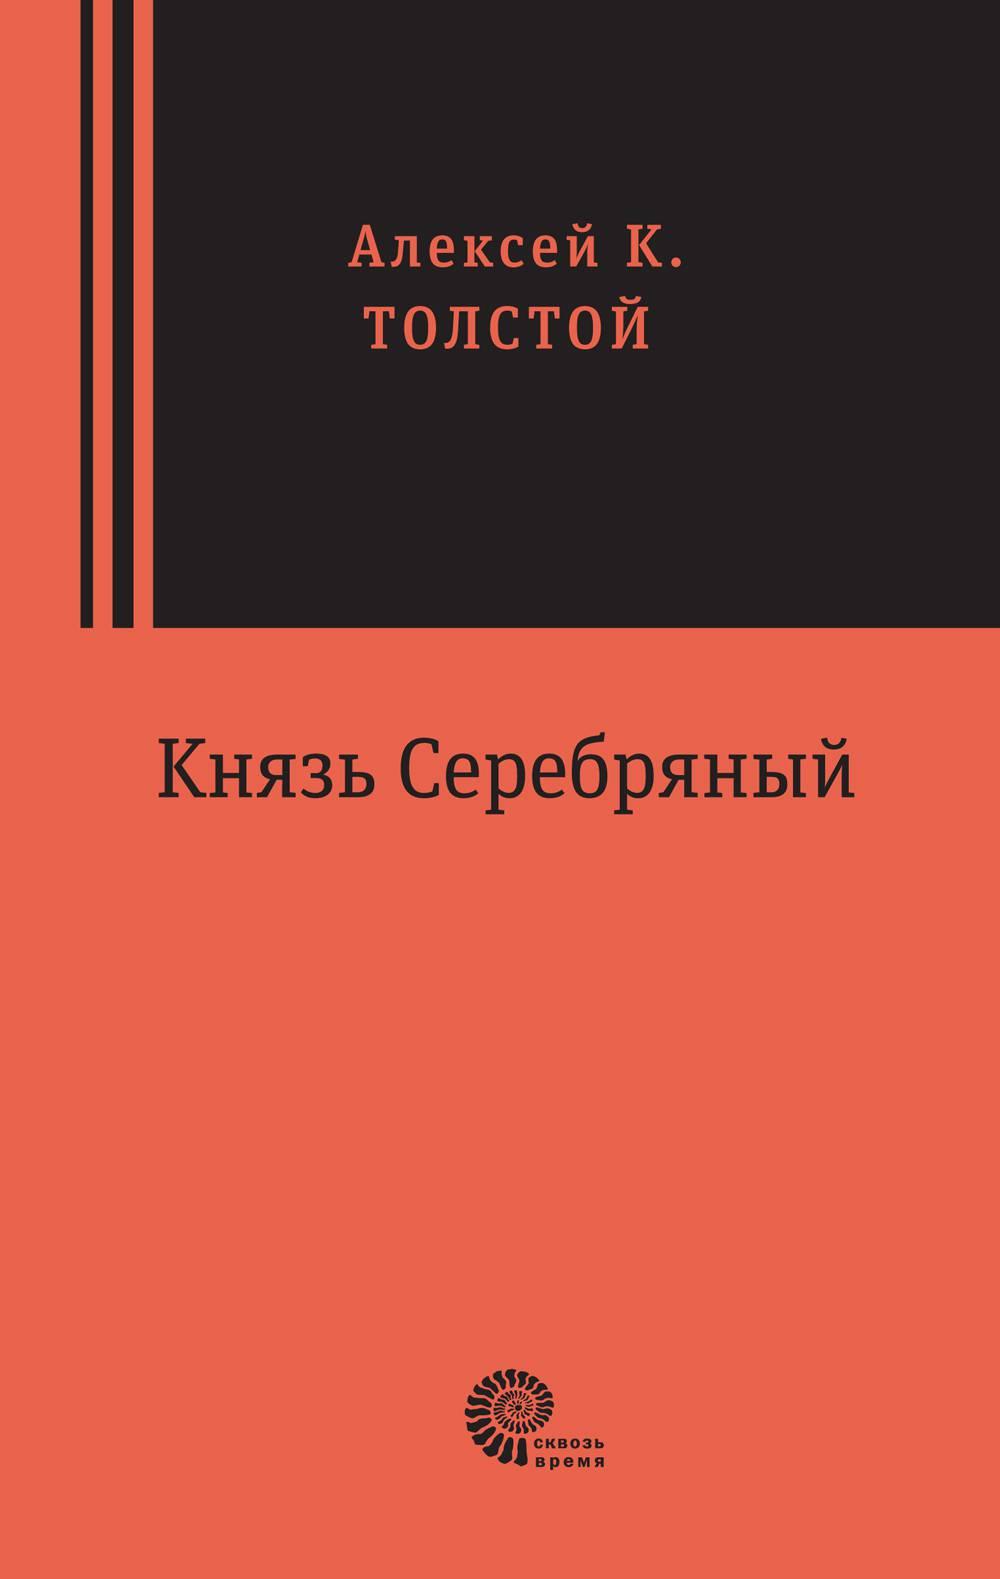 """Да и кто теперь счастлив? О романе А. К. Толстого """"Князь Серебряный"""""""